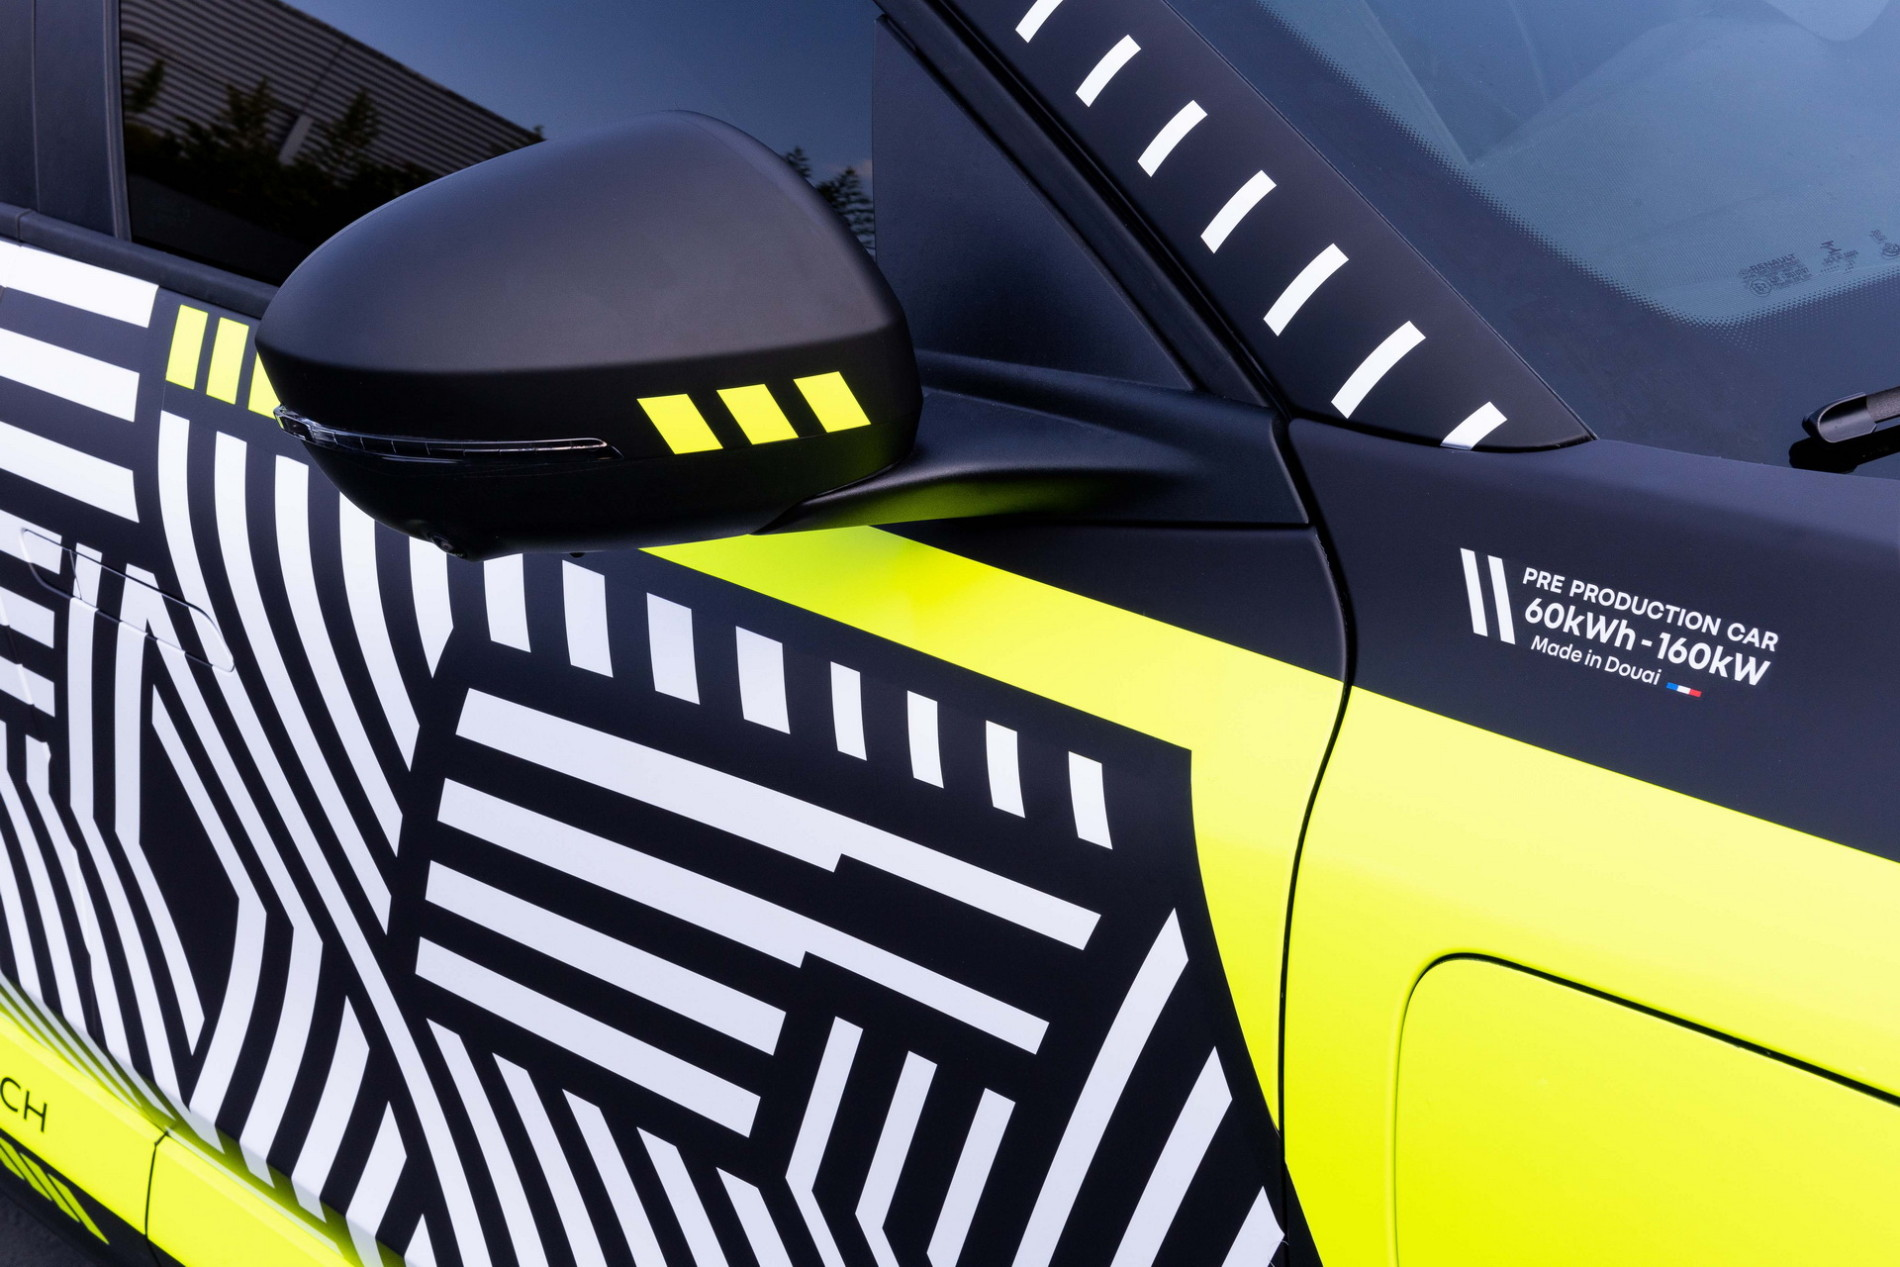 Renault Megane E-Tech Electric - Poze noi - Renault Megane E-Tech Electric - Poze noi